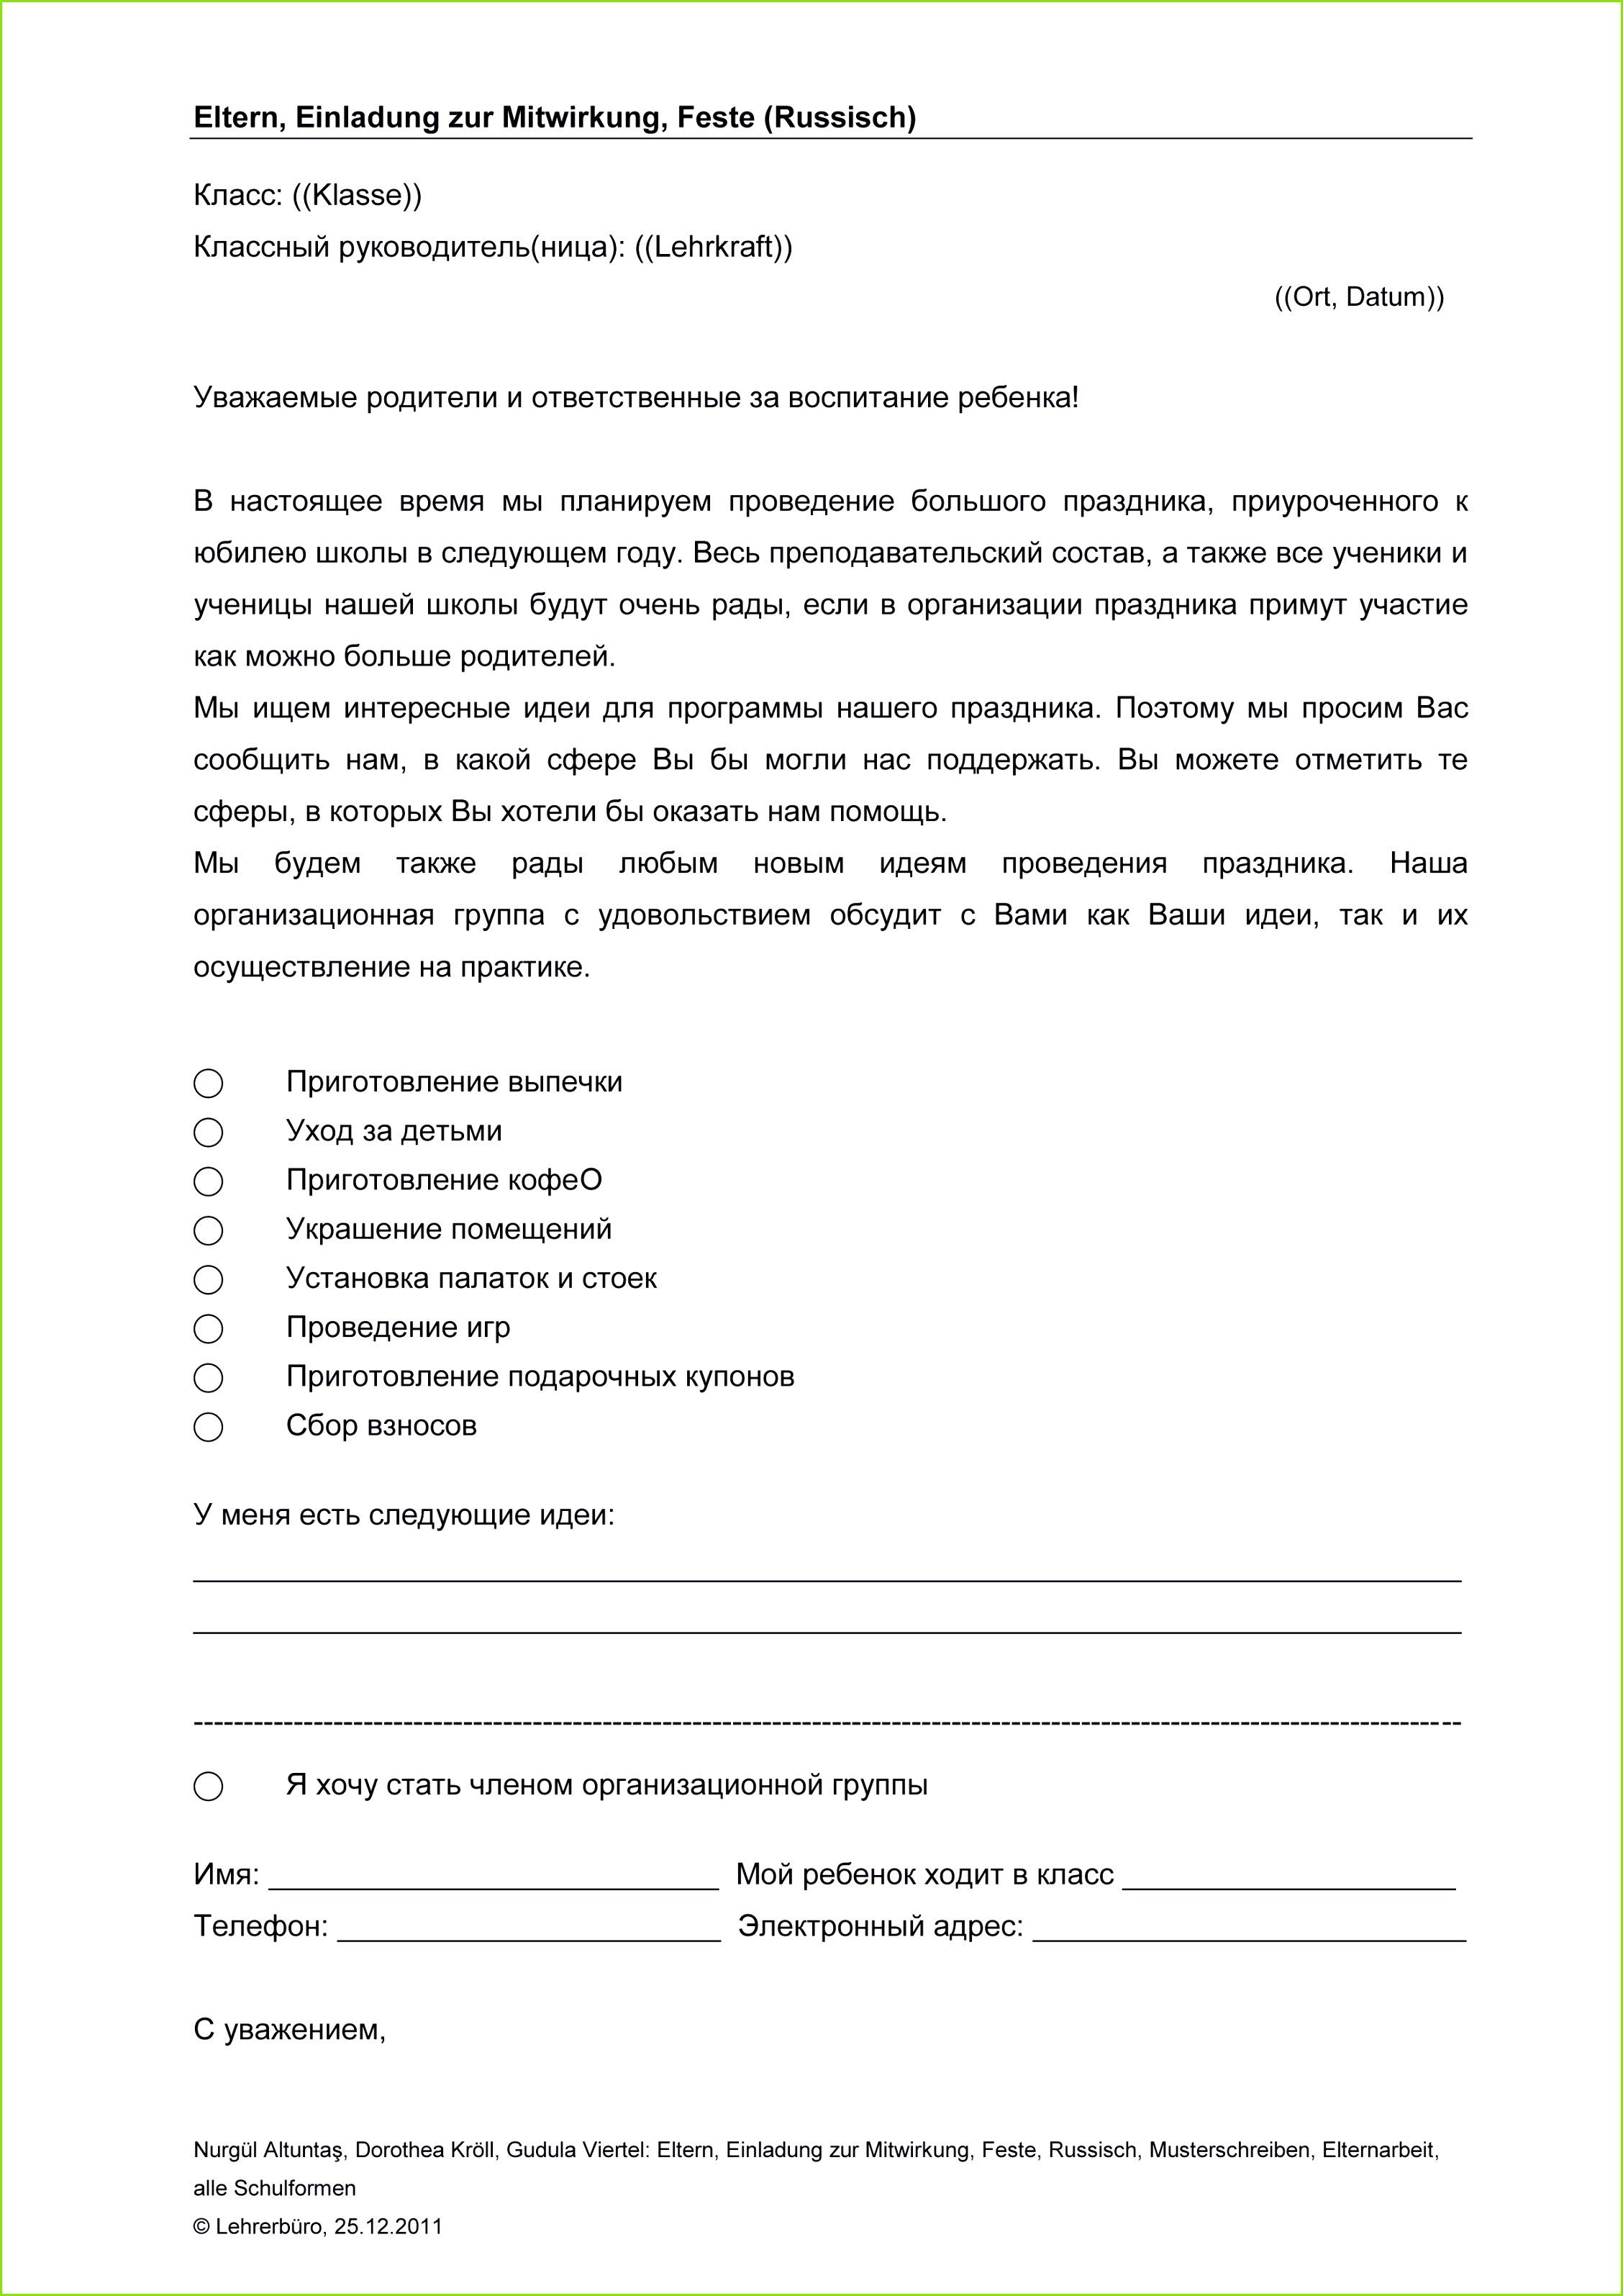 Elternbefragung Kita Vorlagen Neu Fein Einladung Elternabend – athletbook